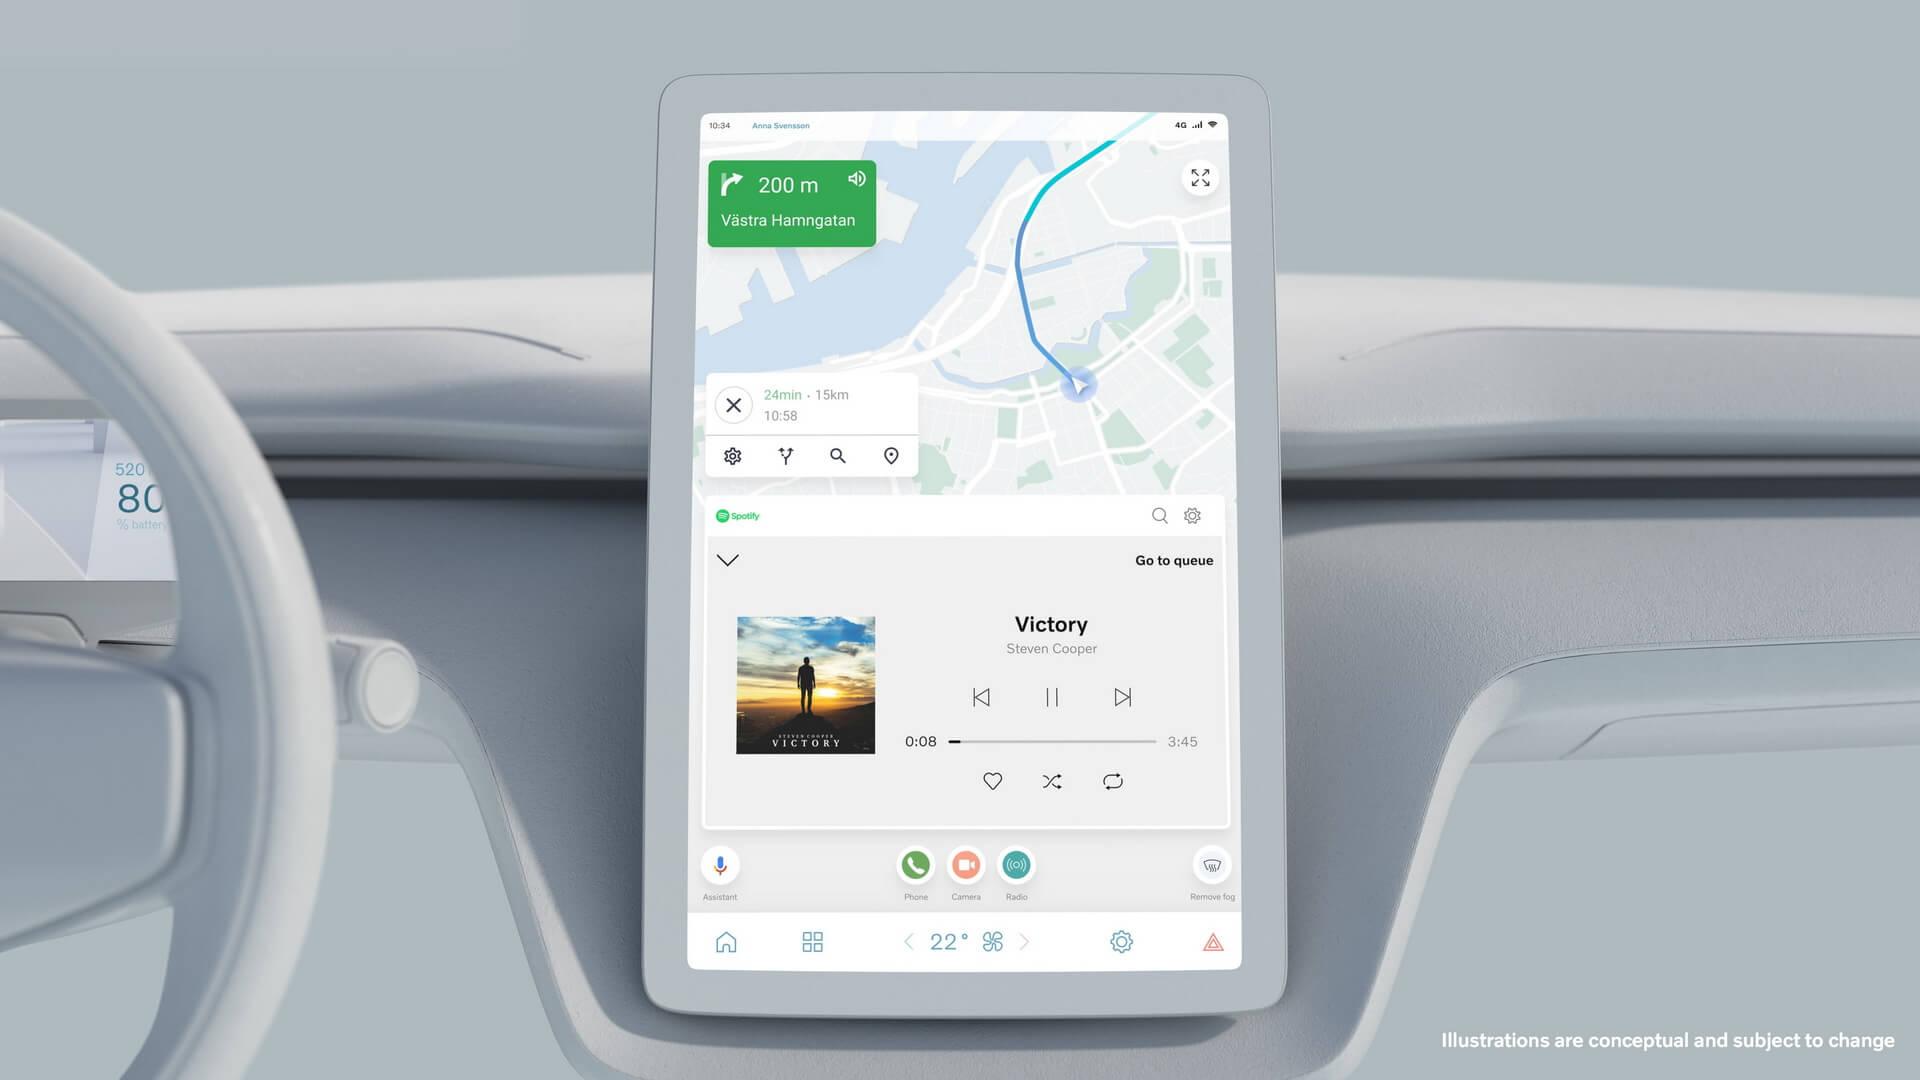 Центральный сенсорный экран будущих электромобилей Volvo